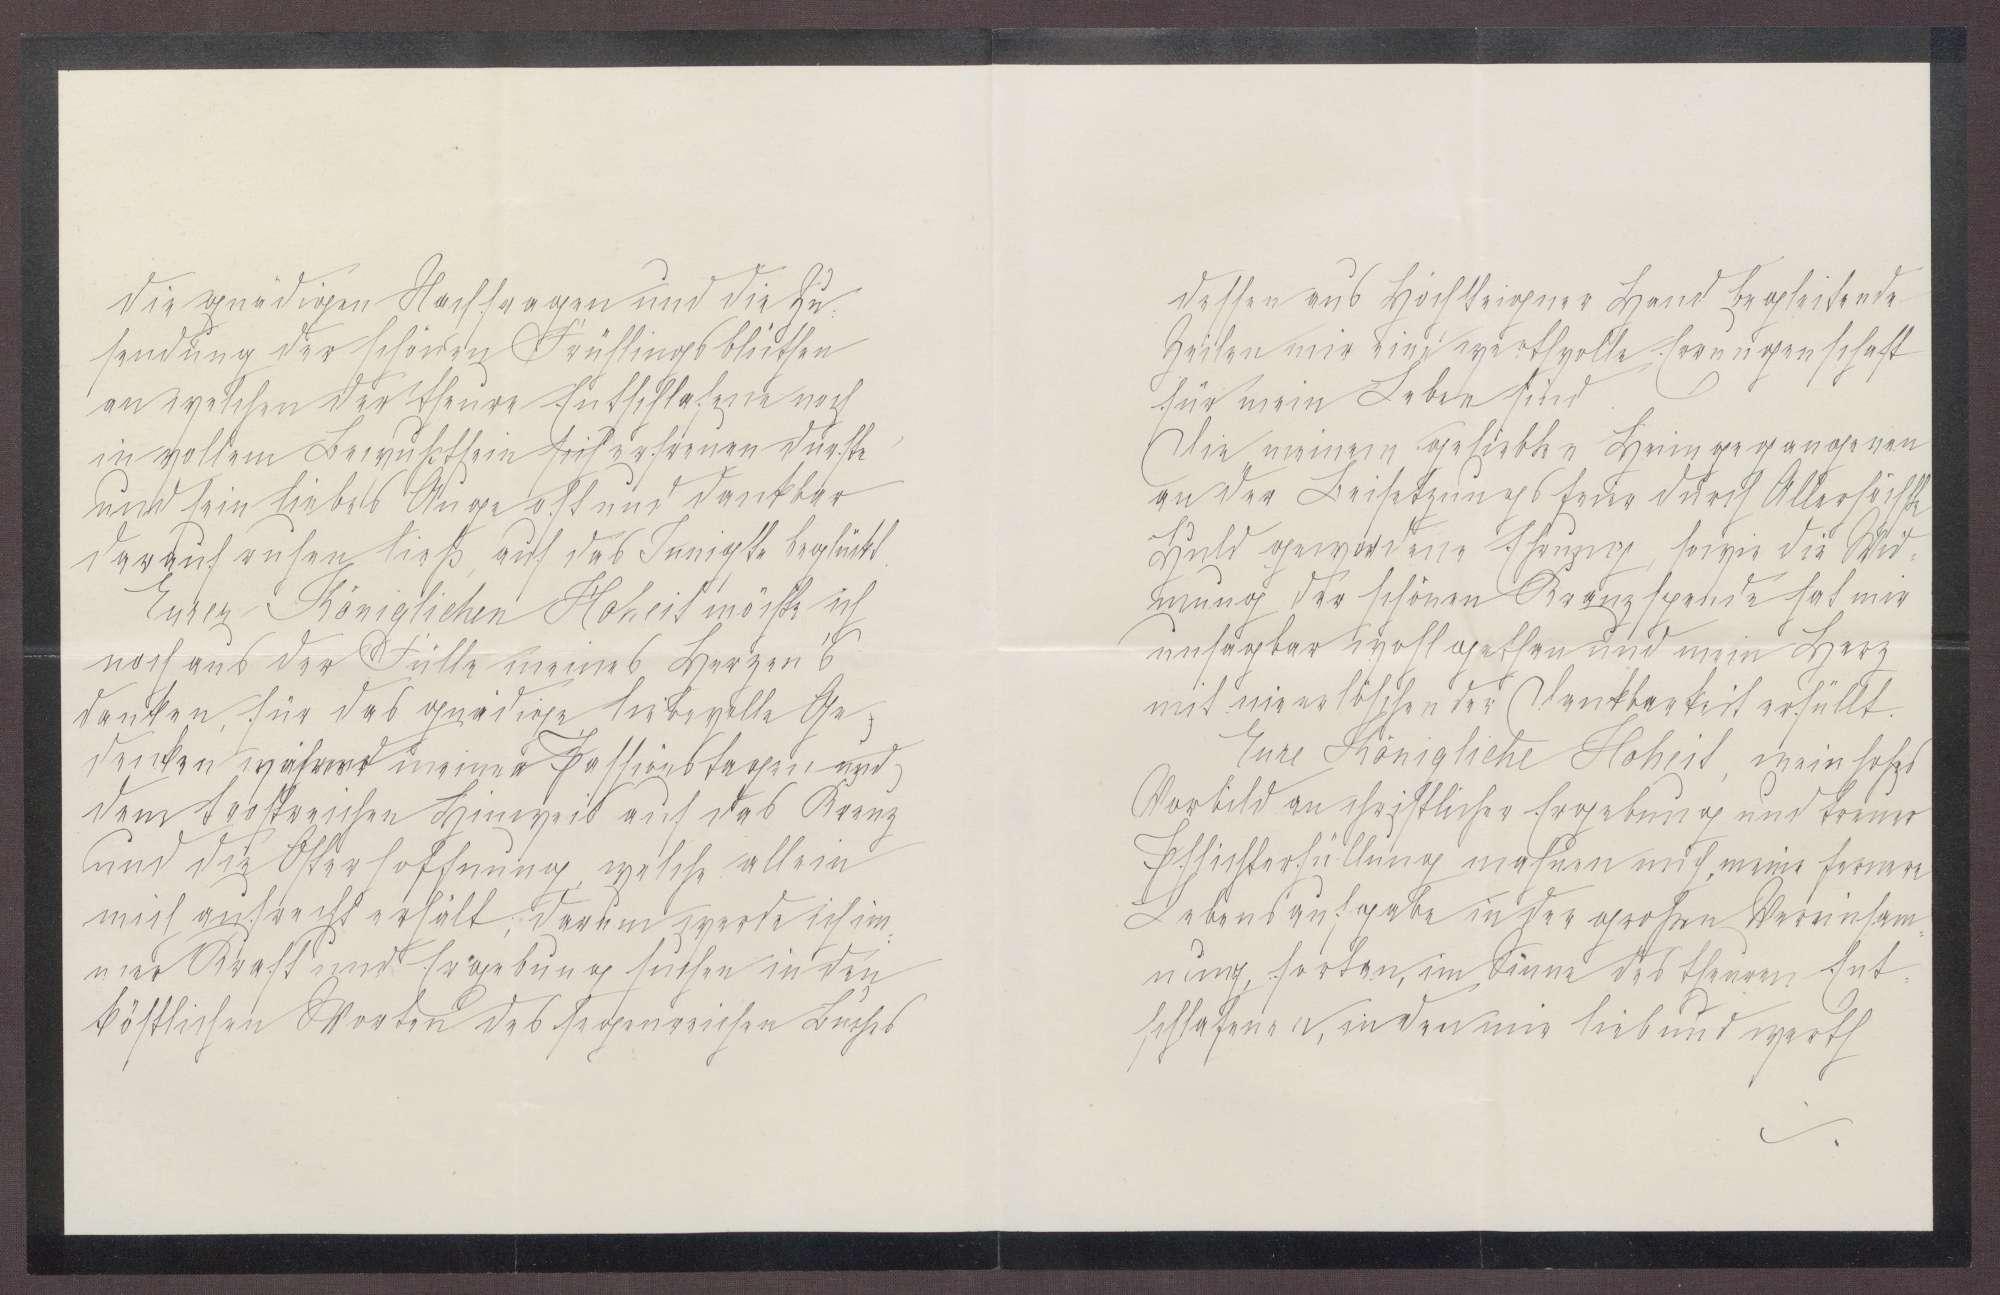 Schreiben von Anna Haas an die Großherzogin Luise; Tod des Ehemannes von Anna Haas und Dank für Anteilnahme durch die Großherzogin, Bild 2